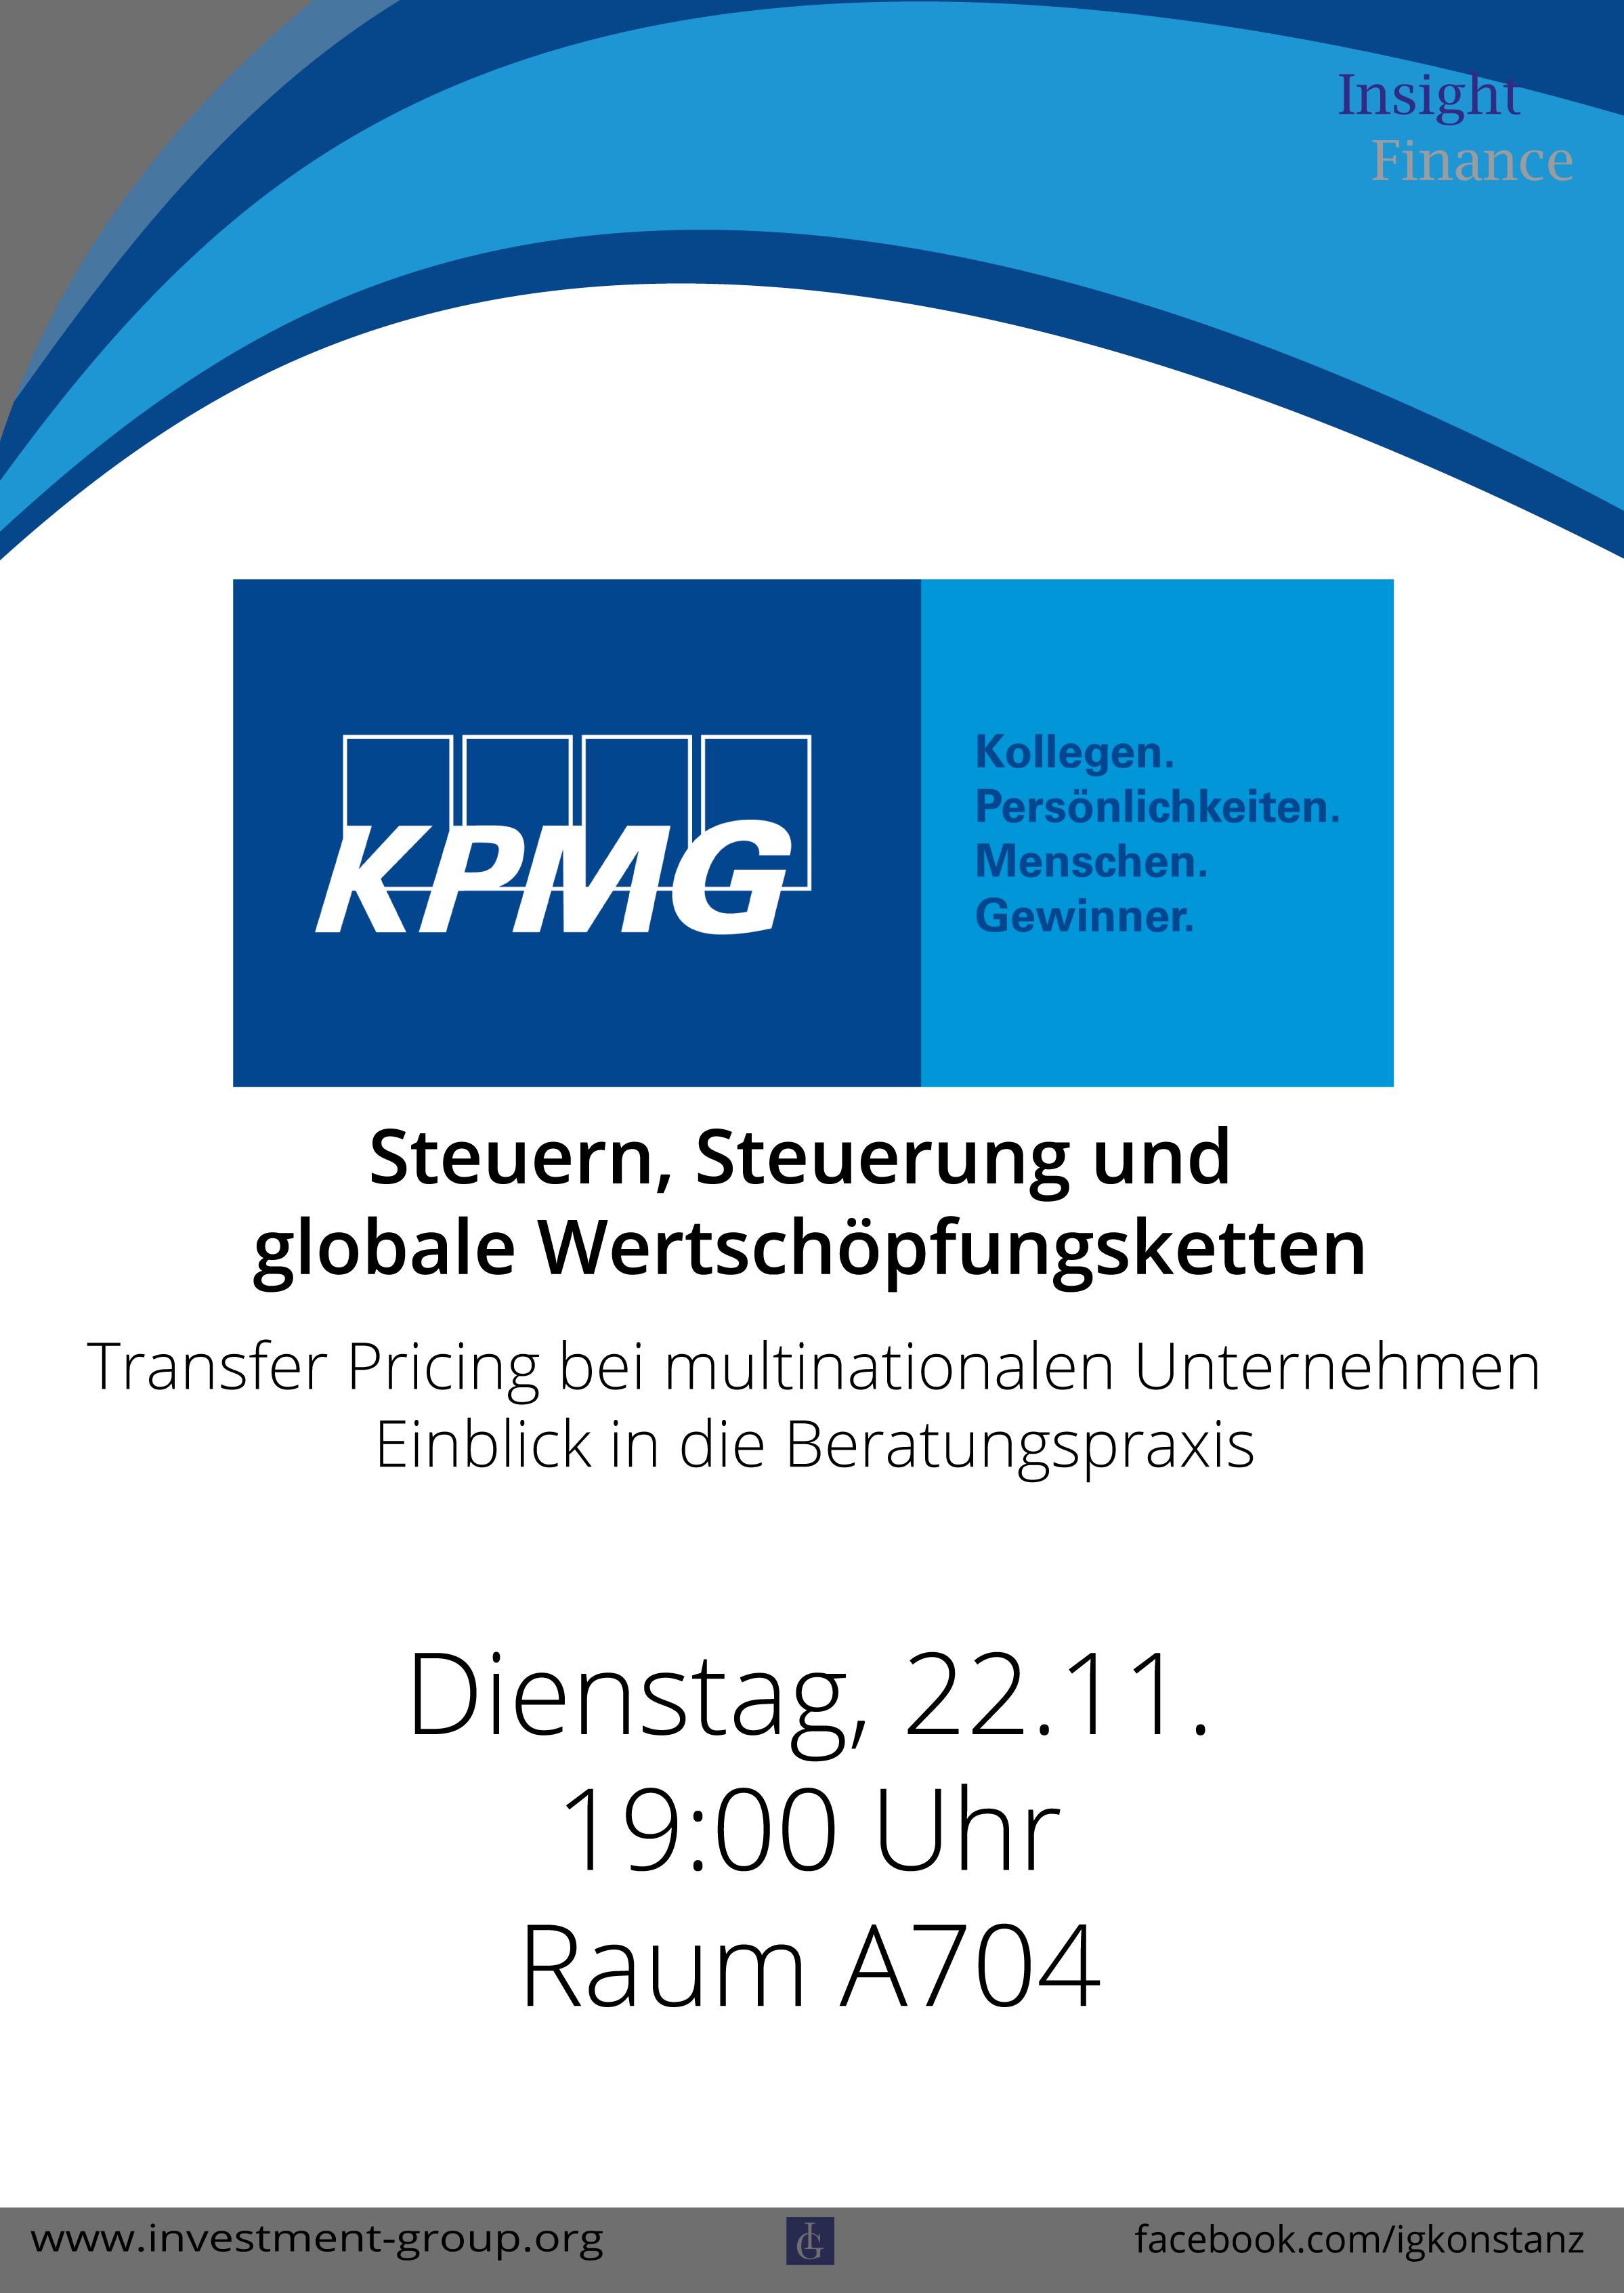 KPMG Vortrag